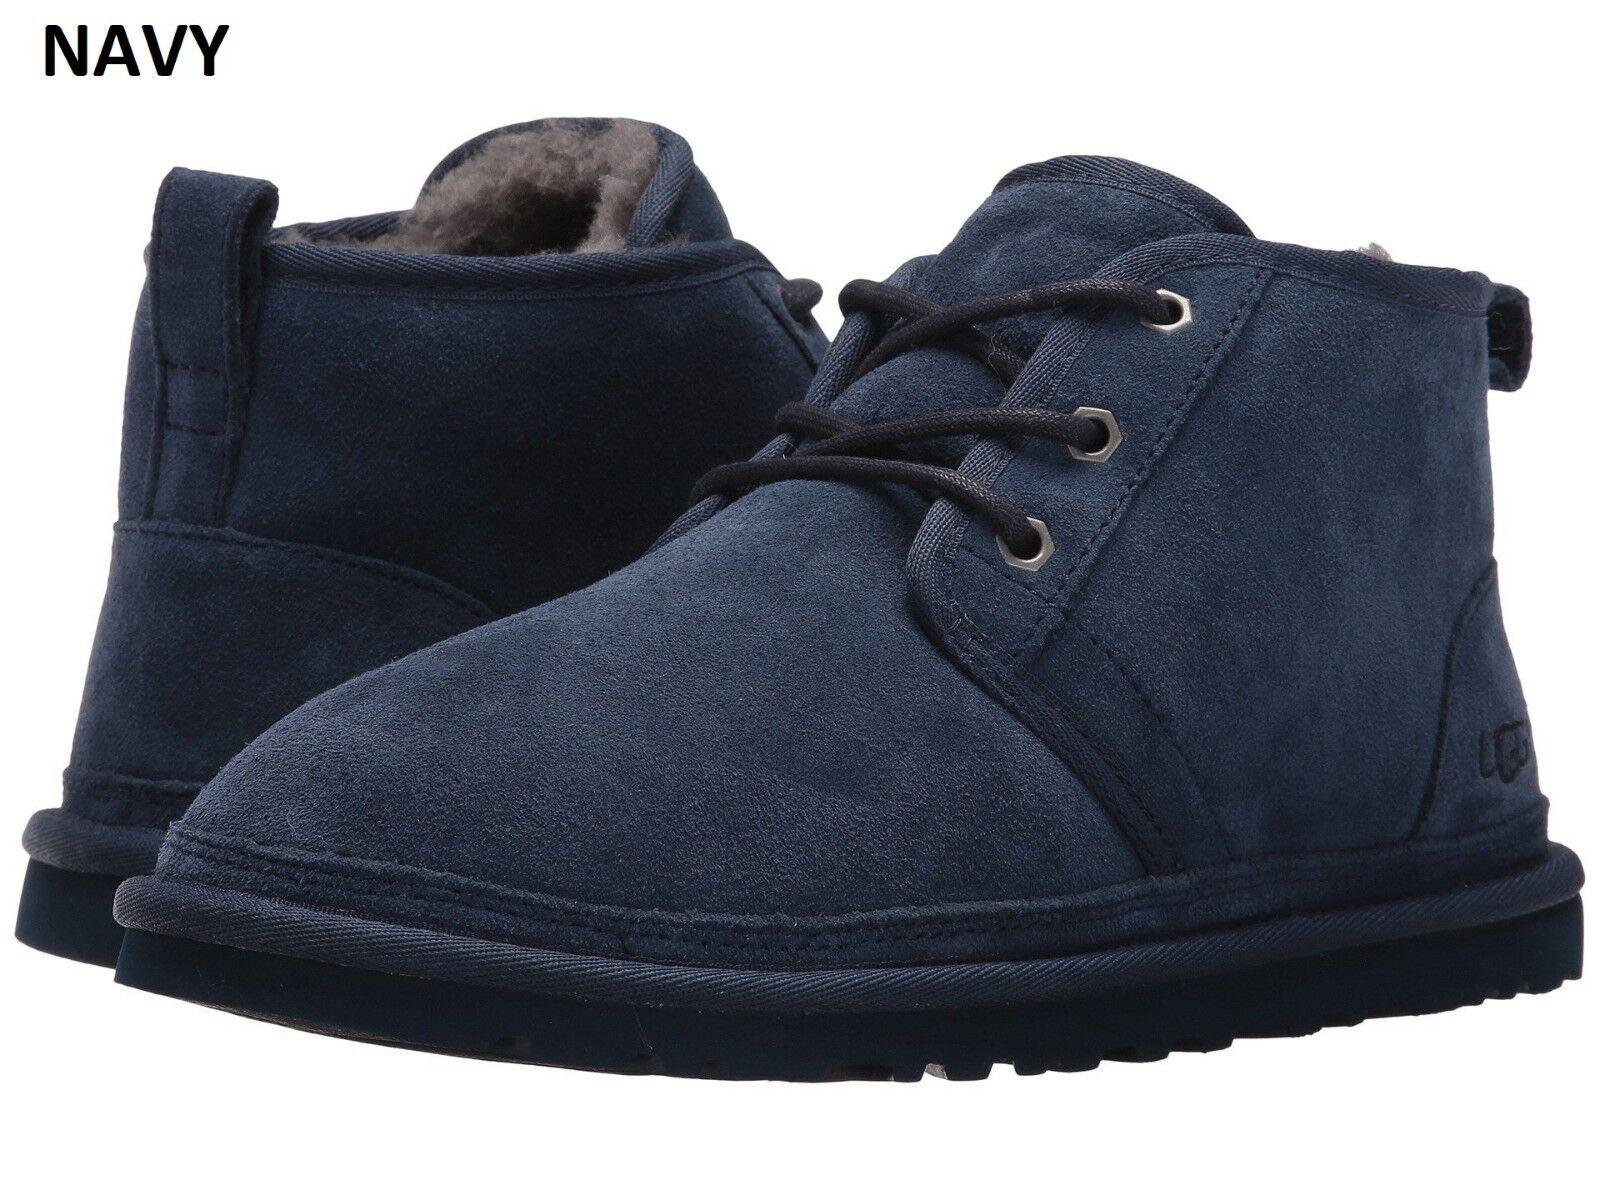 11acb7a6671 UGG Australia Mens Neumel Black Suede BOOTS 3236 Size US 12 UK 11 for sale  online